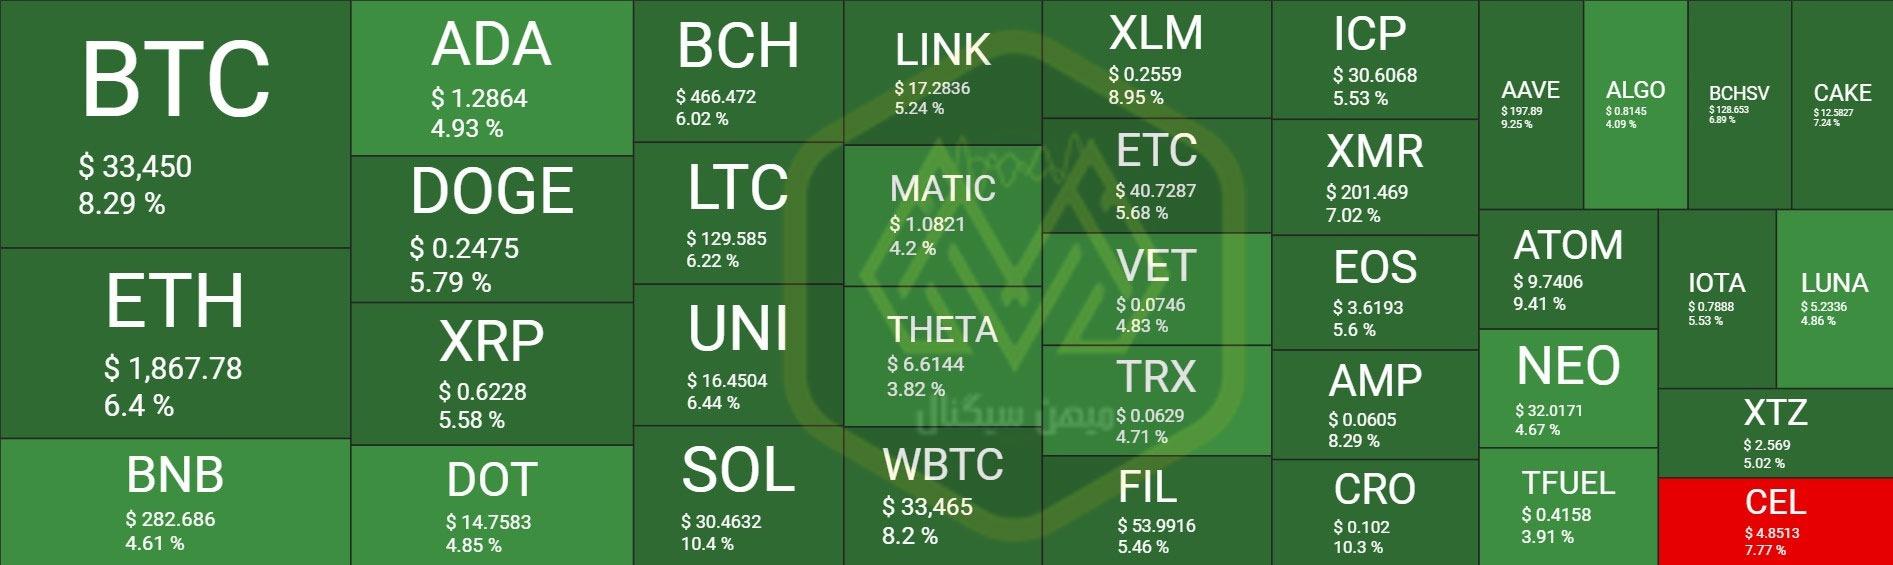 بازار سبز ارزهای دیجیتال